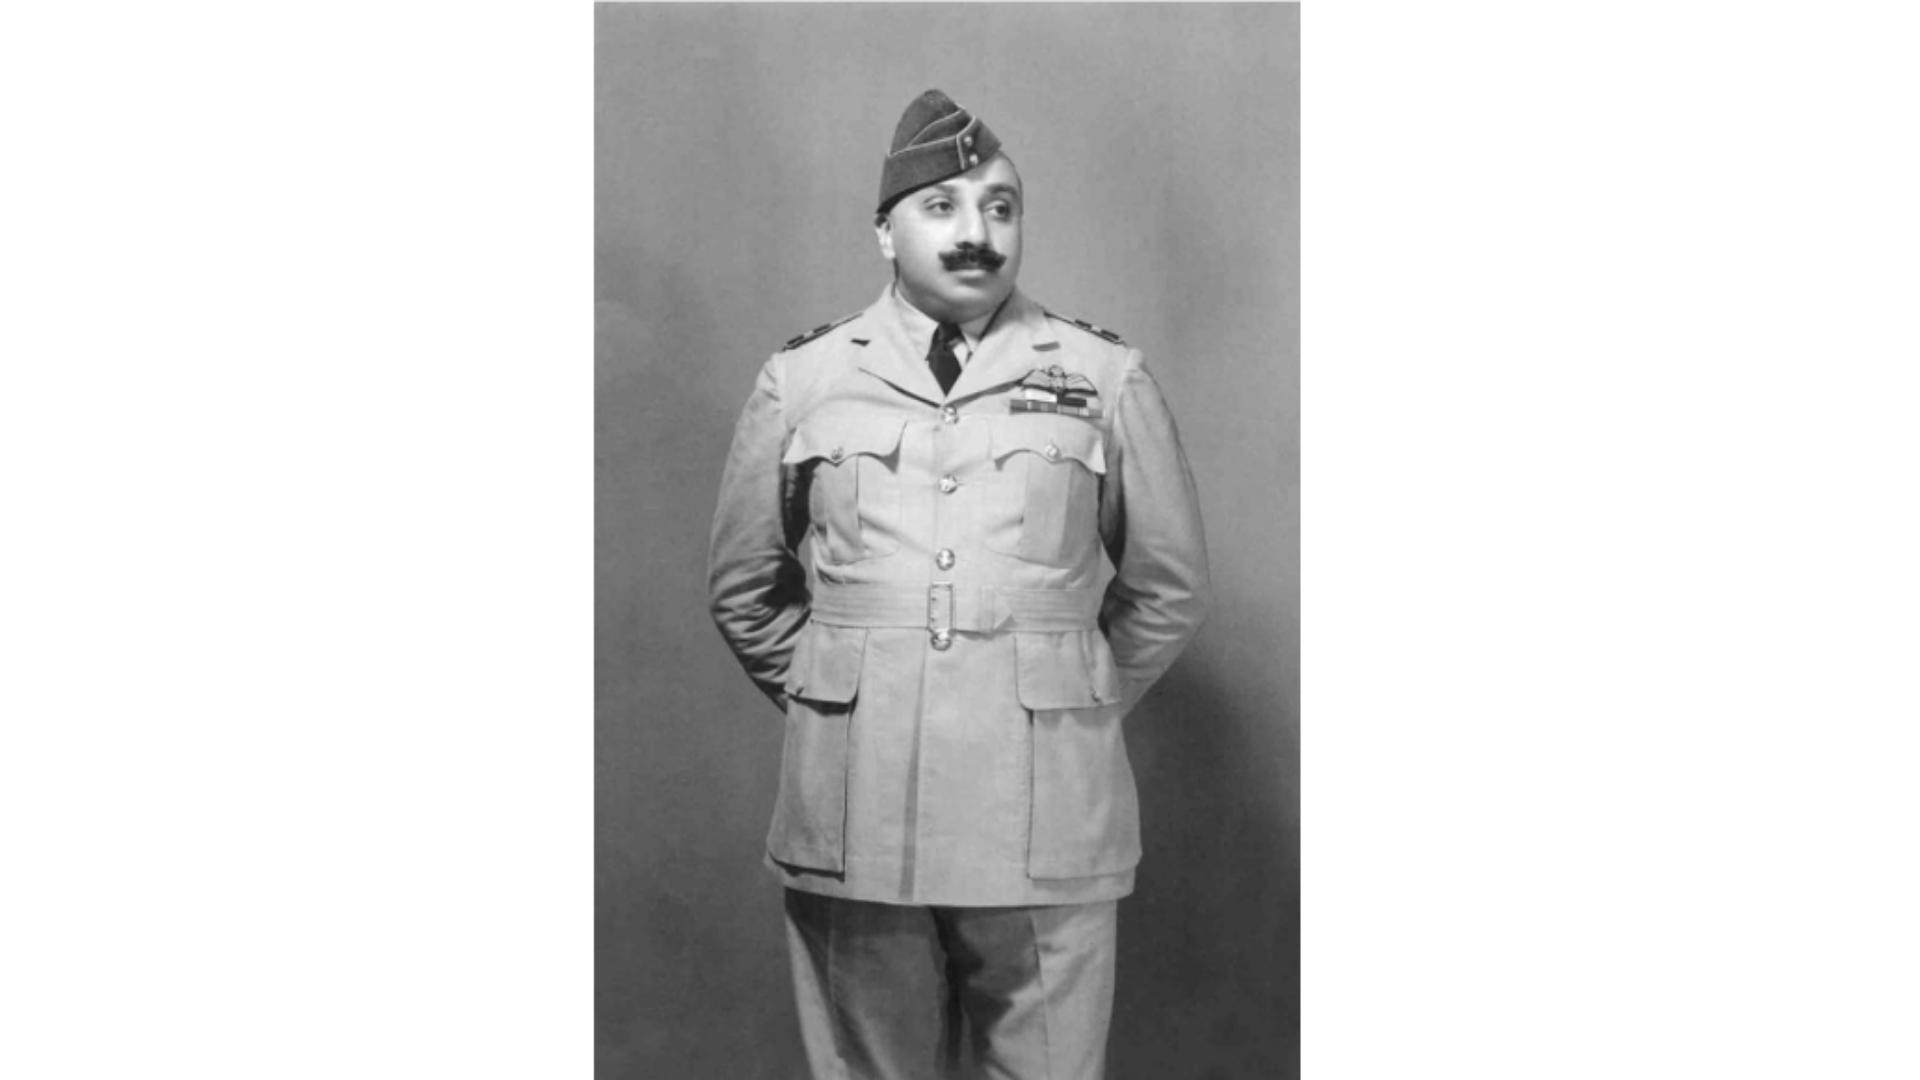 जोधपुर हवाई अड्डा: महाराजा उमैद सिंह का गौरवशाली इतिहास